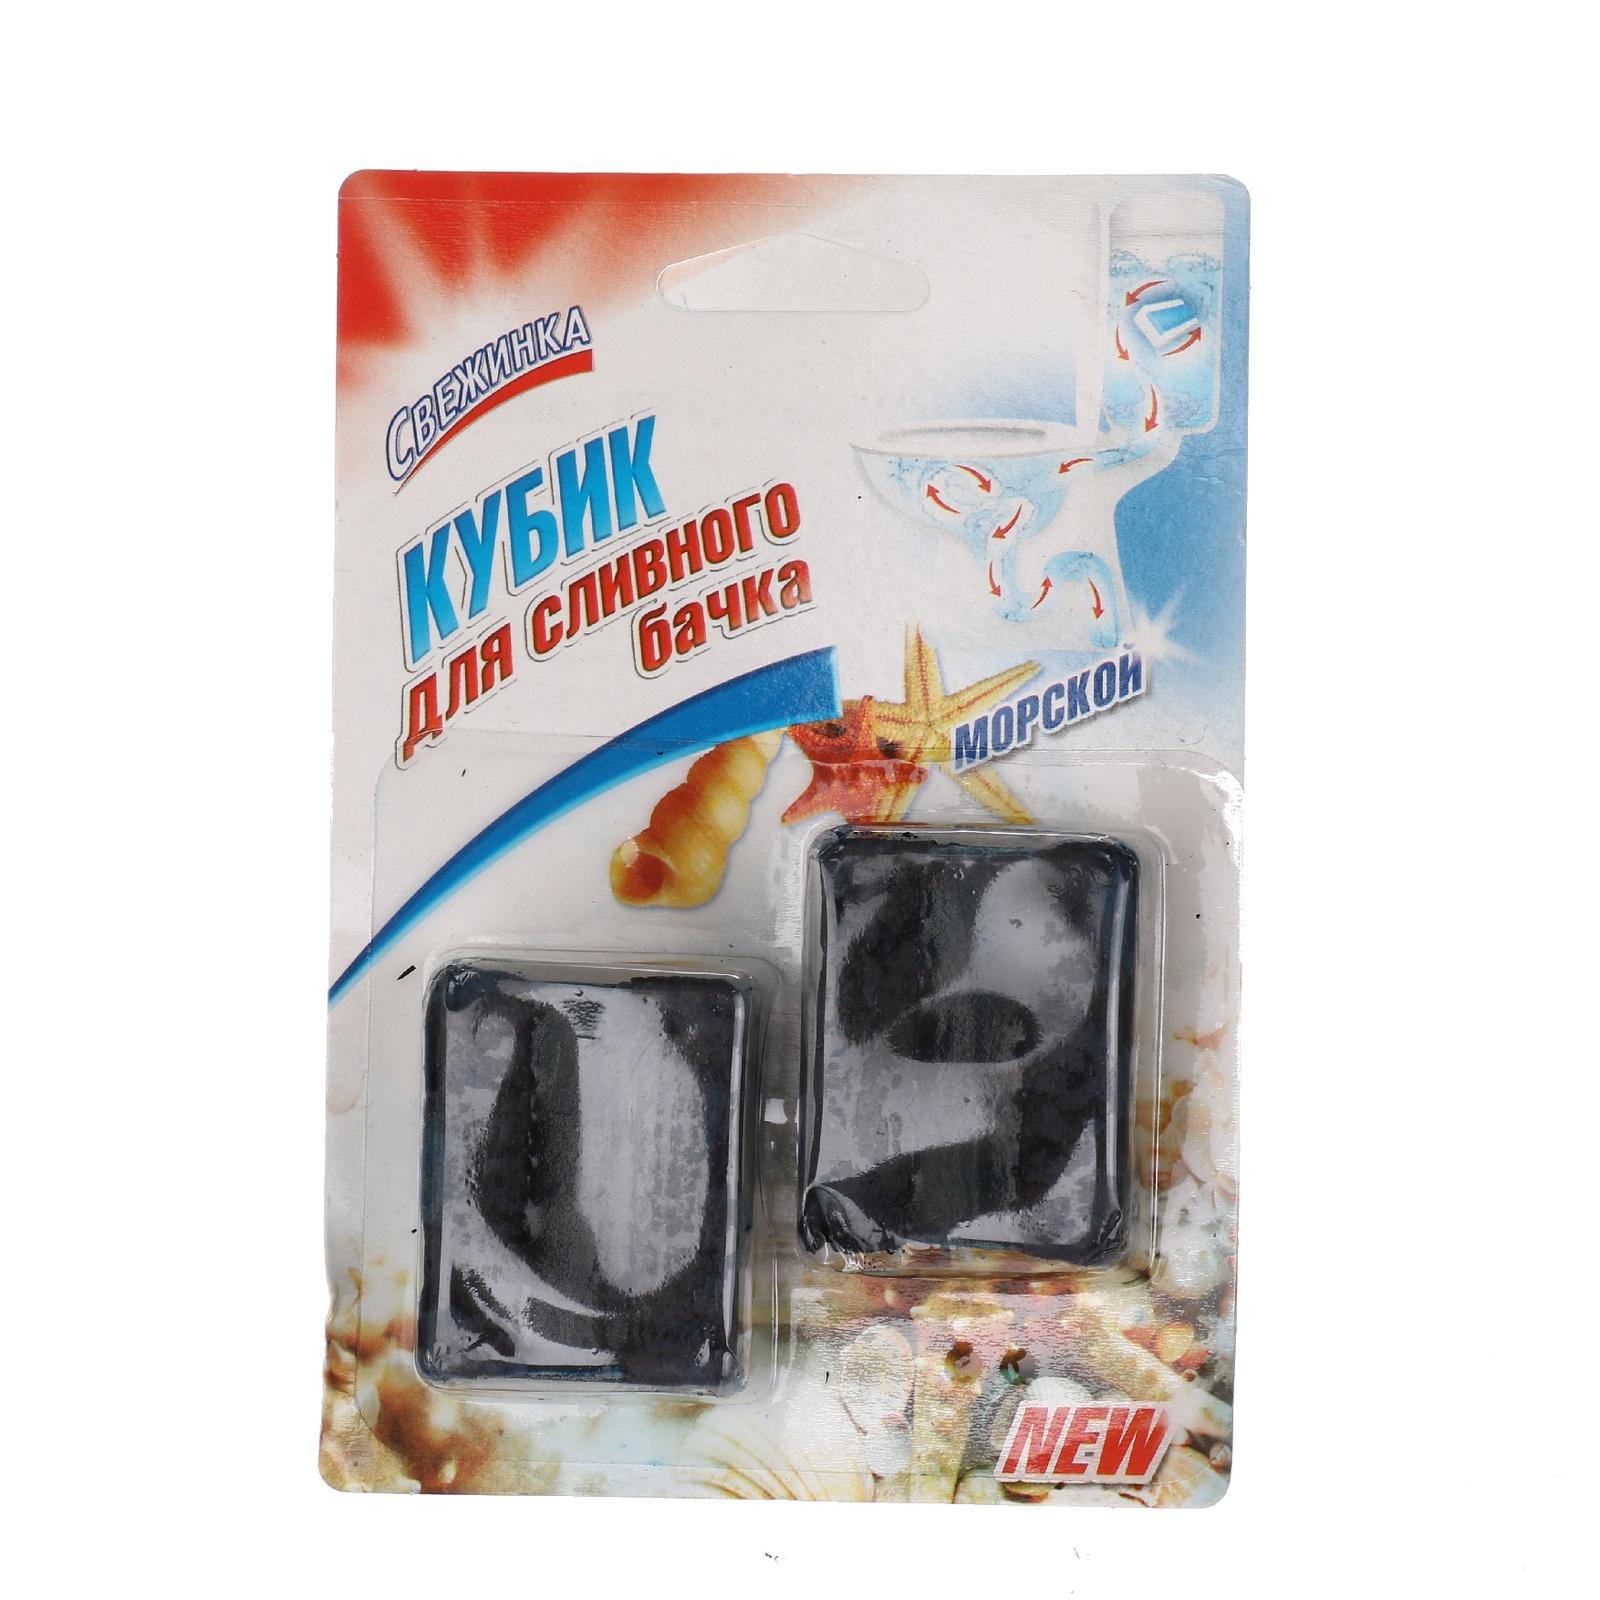 Средство для ванной и туалета Свежинка 3055